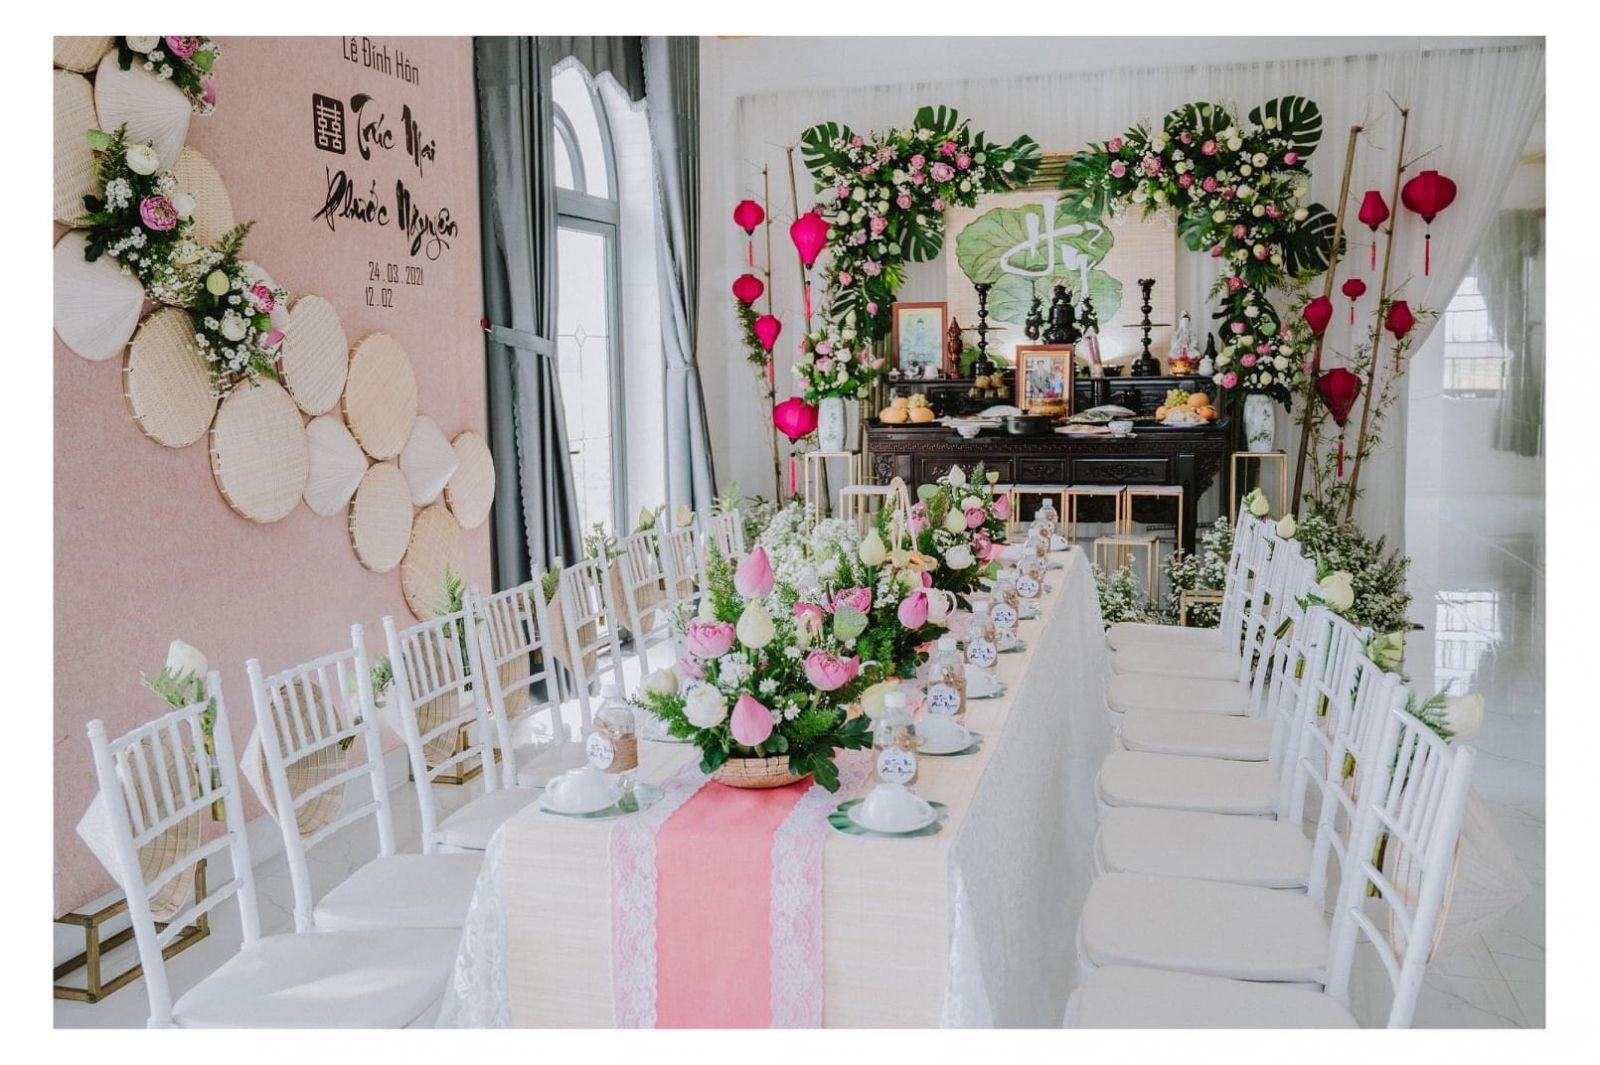 Trang trí lễ gia tiên tại nhà cho lễ đính hôn với hoa sen làm chủ đạo